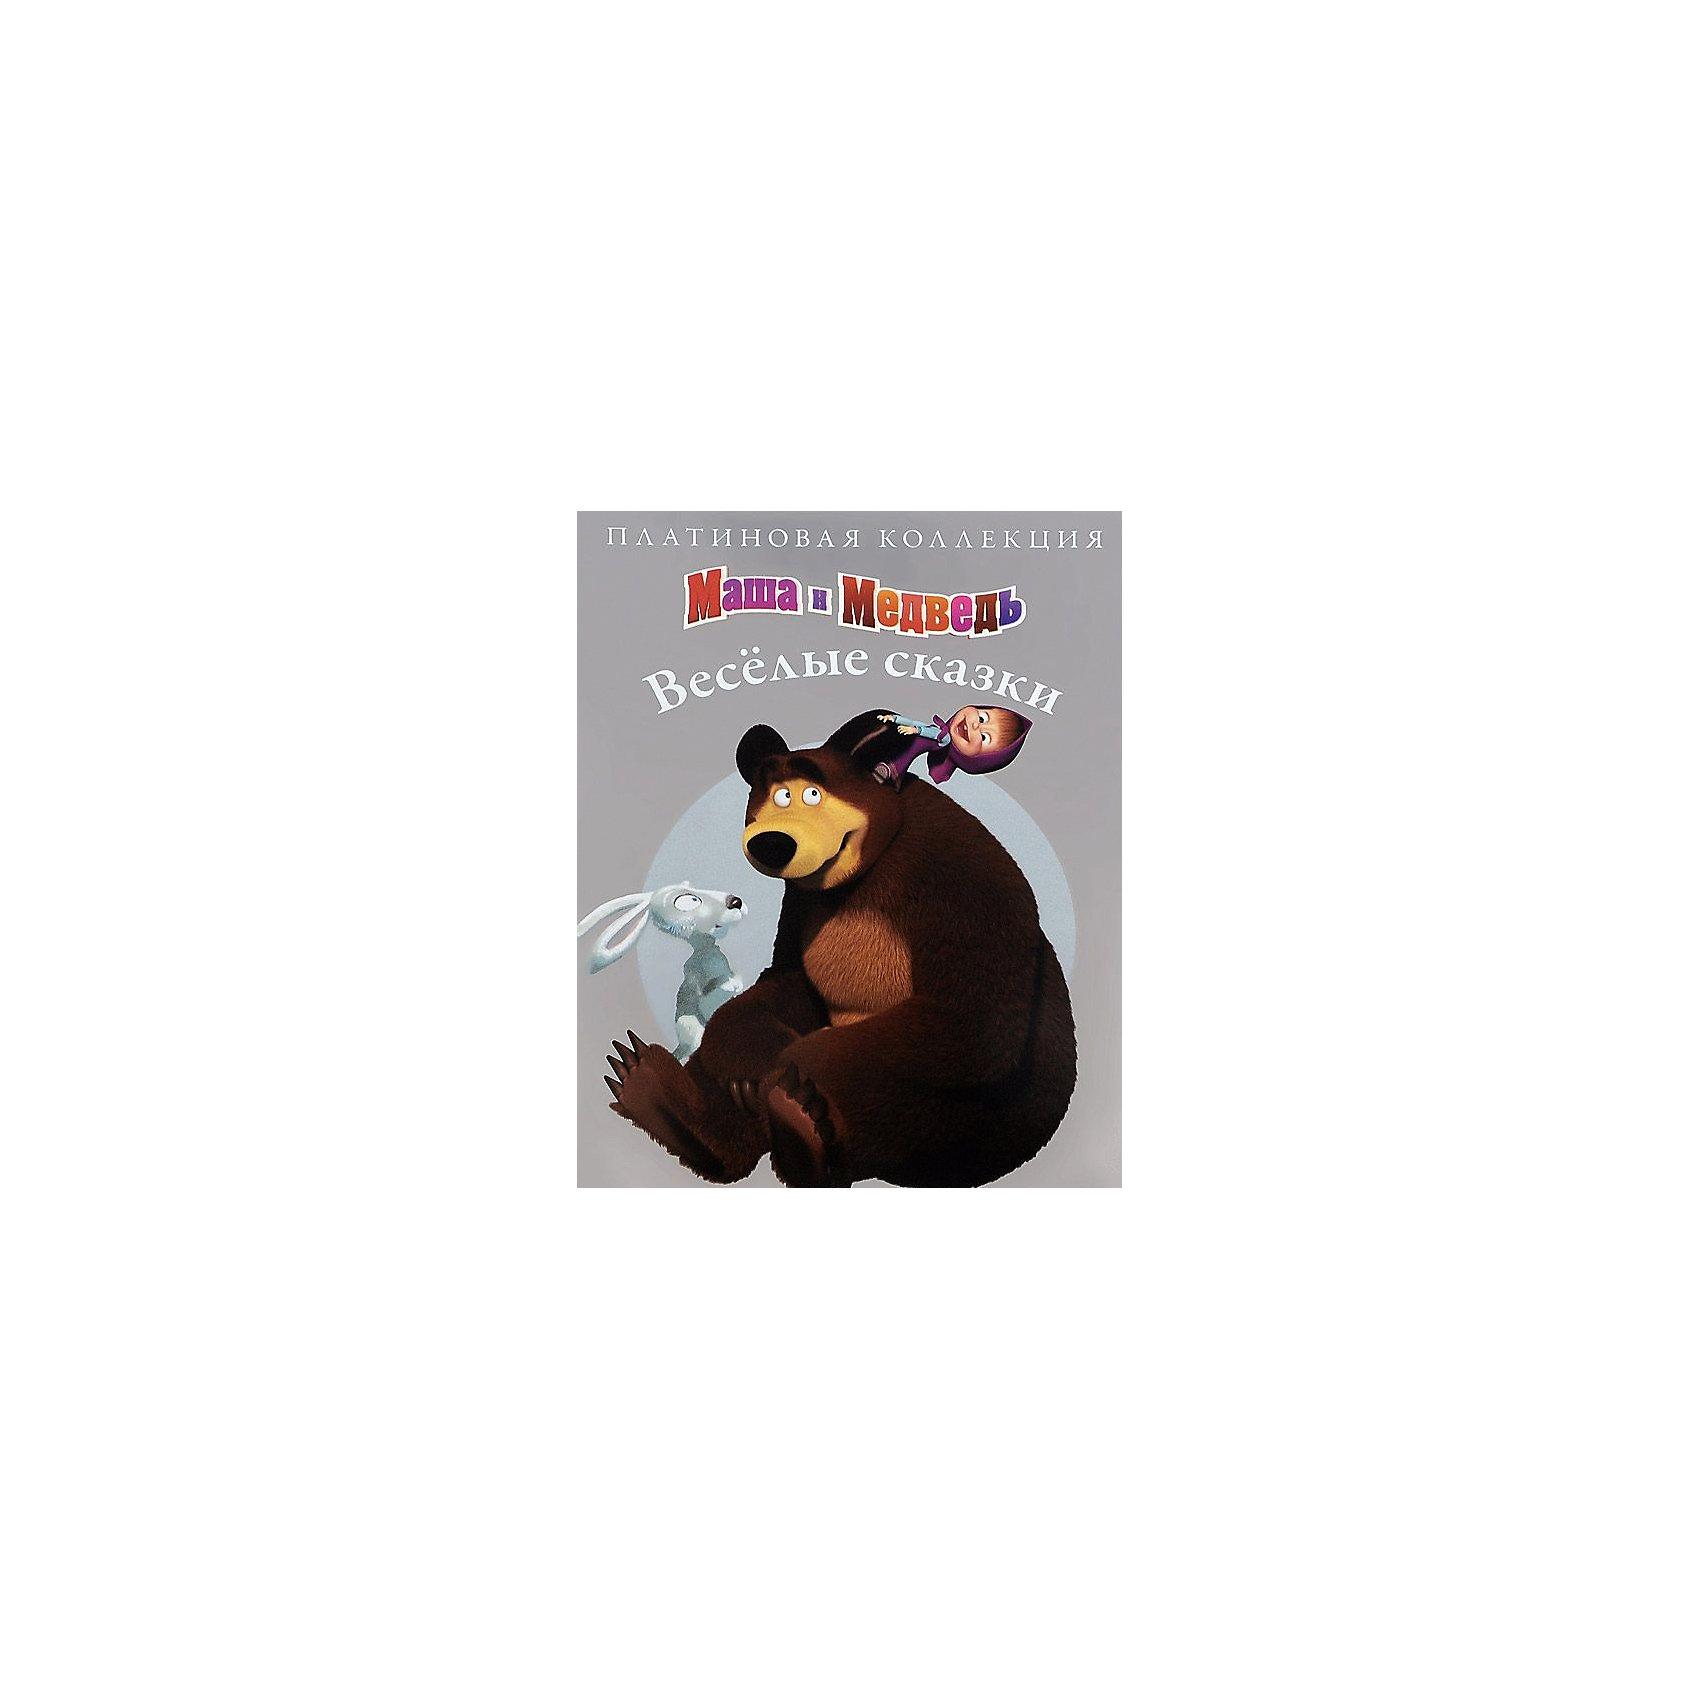 Книга Маша и Медведь. Веселые сказкиКнига Маша и Медведь. Веселые сказки – это красочно иллюстрированная книга не оставит равнодушным поклонника мультсериала Маша и Медведь.<br>Это великолепное издание - книга по замечательному анимационному сериалу Маша и Медведь. Она перенесёт вас в удивительный мир, в котором у озорницы Маши множество лесных друзей. Их весёлые приключения и смешные ситуации, в которые попадает Маша, позабавят всю семью. Для детей дошкольного и младшего школьного возраста.<br><br>Дополнительная информация:<br><br>- Художники-иллюстраторы: Трусов И., Константинова Н., Зацепина Е., Ивашкина Ю., Шантыко М., Нефедова Марина<br>- Издательство: Эгмонт<br>- Серия: Платиновая коллекция<br>- Тип обложки: твердый переплет (целлофанированная или лакированная)<br>- Иллюстрации: цветные<br>- Количество страниц: 96 (мелованная)<br>- Размер: 292x217x11 мм.<br>- Вес: 608 гр.<br><br>Книгу Маша и Медведь. Веселые сказки можно купить в нашем интернет-магазине.<br><br>Ширина мм: 290<br>Глубина мм: 215<br>Высота мм: 7<br>Вес г: 608<br>Возраст от месяцев: 36<br>Возраст до месяцев: 72<br>Пол: Унисекс<br>Возраст: Детский<br>SKU: 4400532